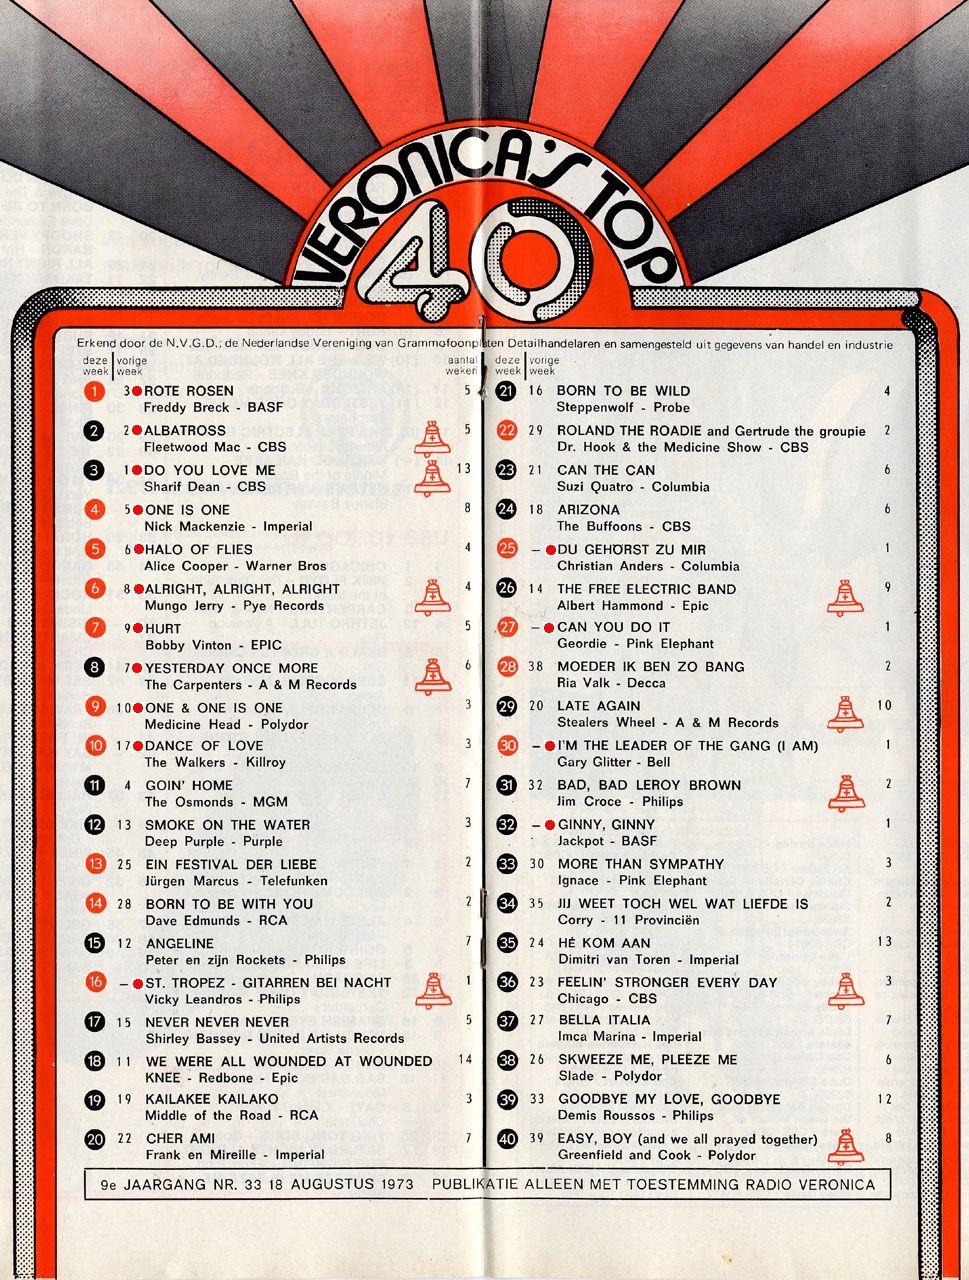 40 Top Summer 2013 Fashion Trends: Veronica Top 40 En Dan Voor De Radio Zitten Met Een